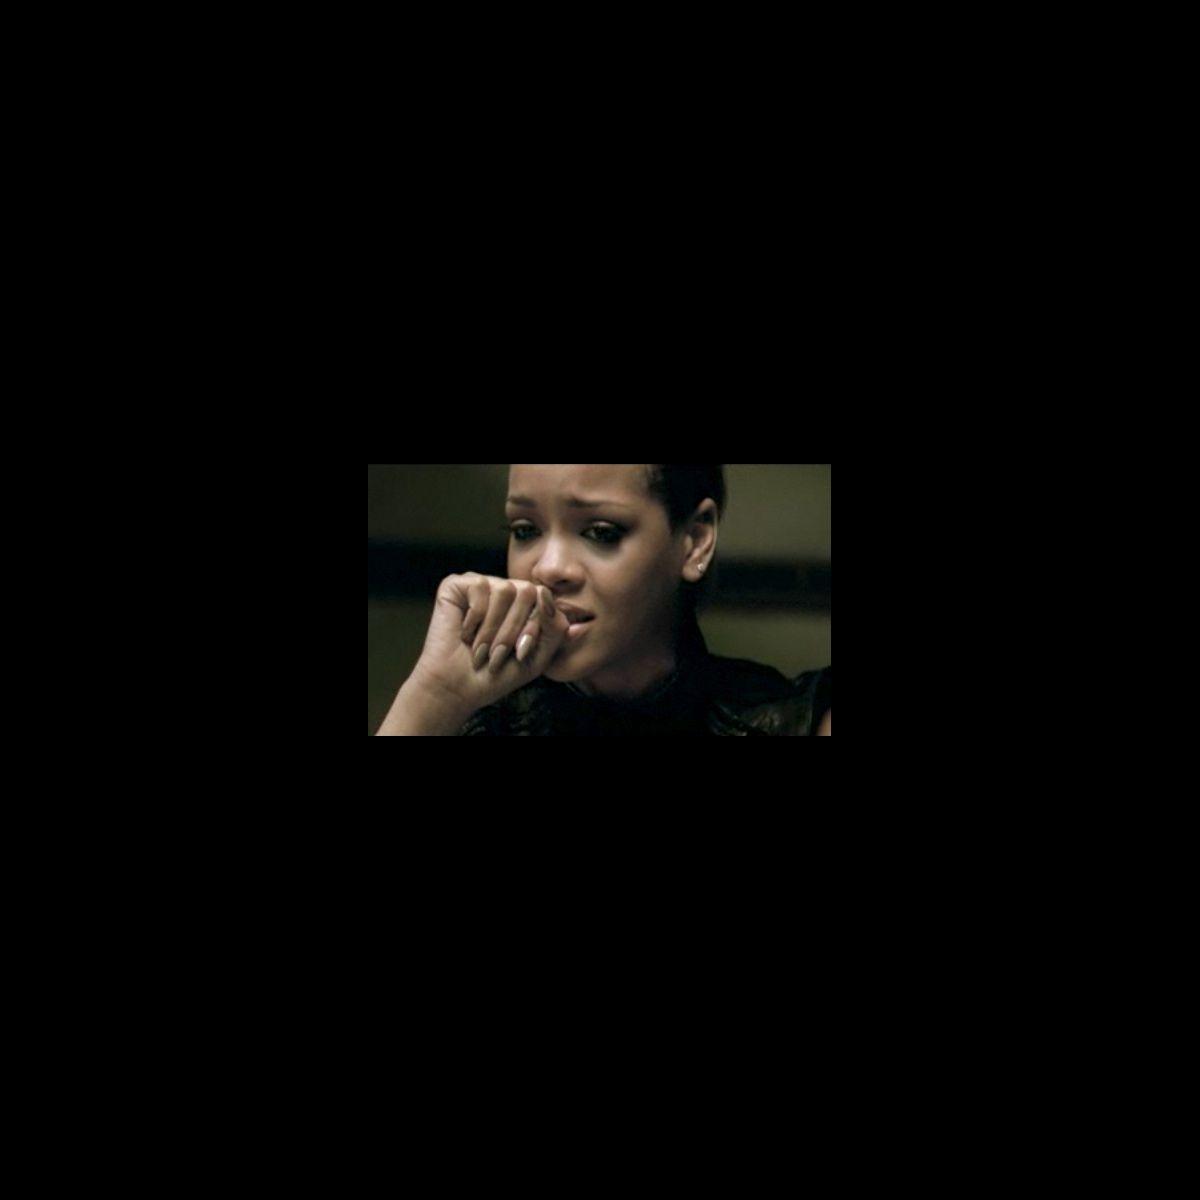 Rihanna Dans Le Clip De Quot Russian Roulette Quot Photo